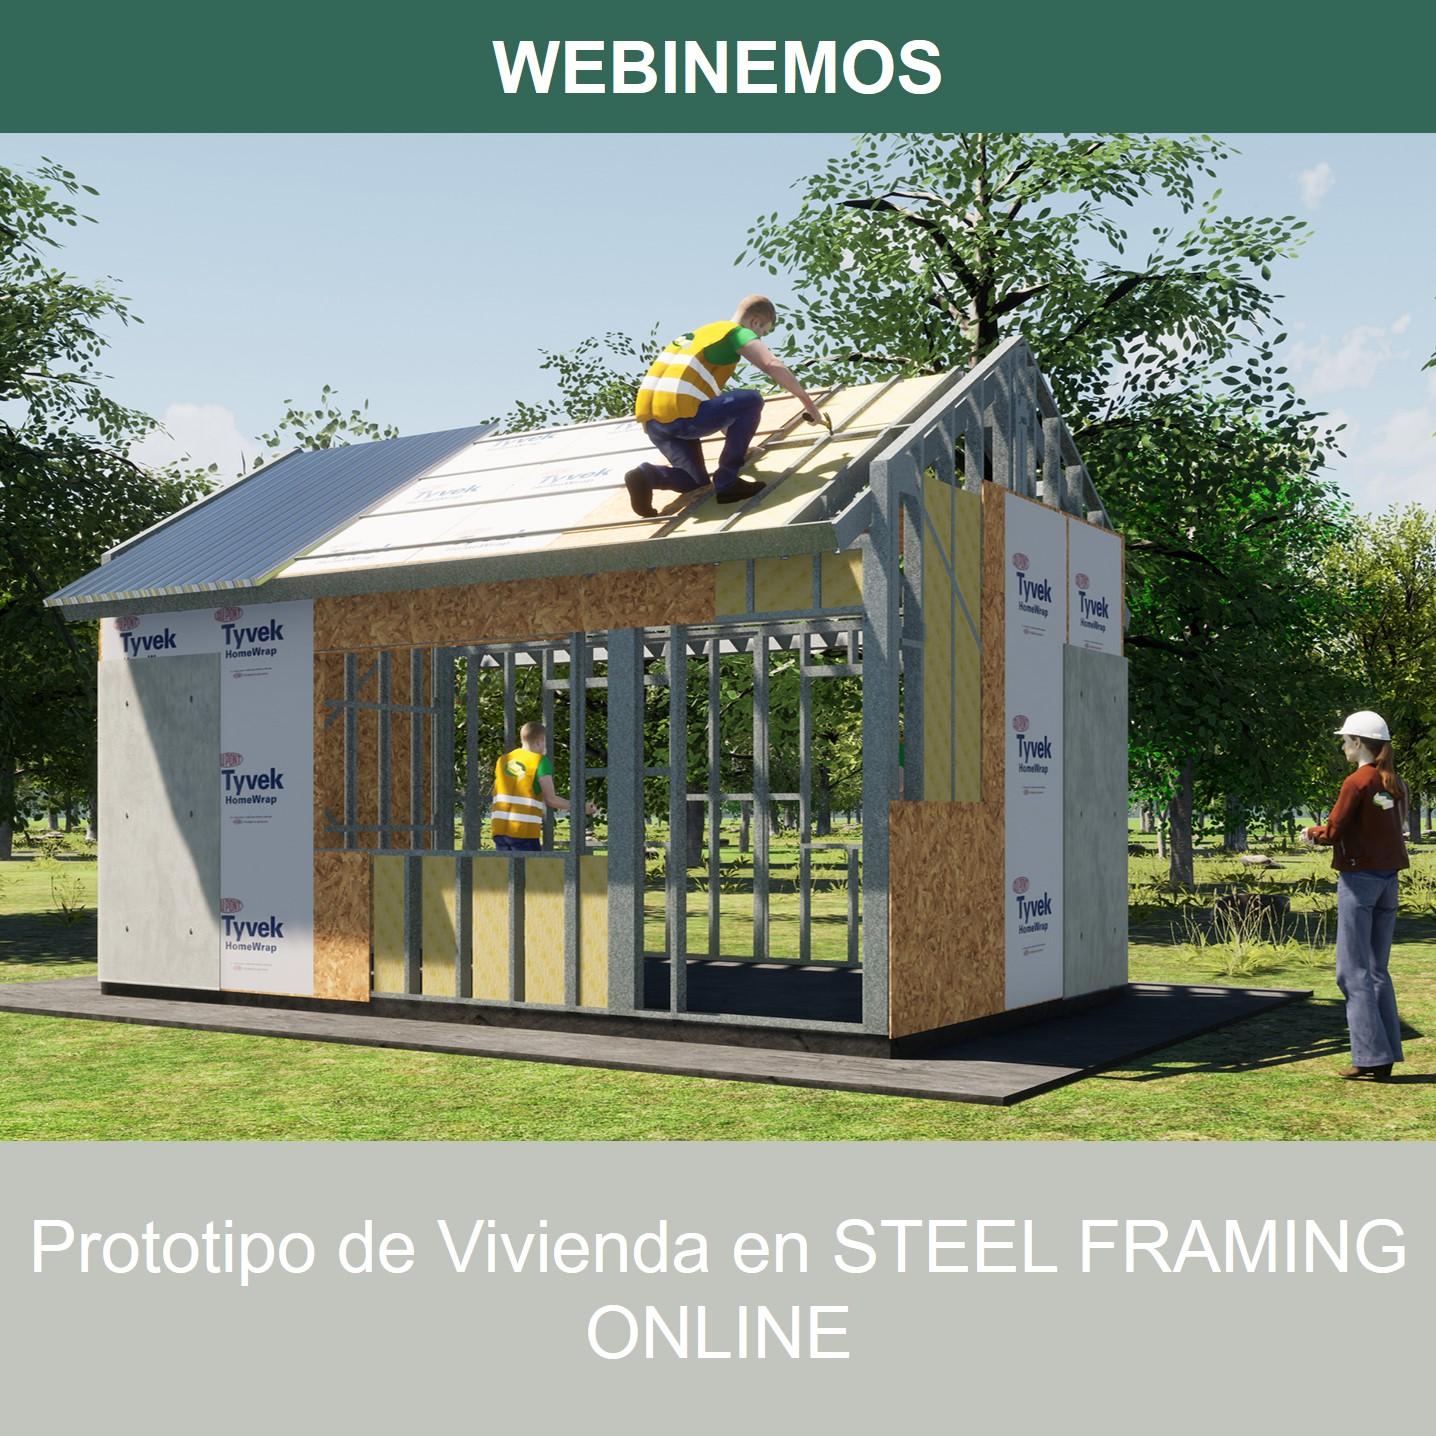 WEBINEMOS: PROTOTIPO DE VIVIENDA EN STEEL FRAMING.